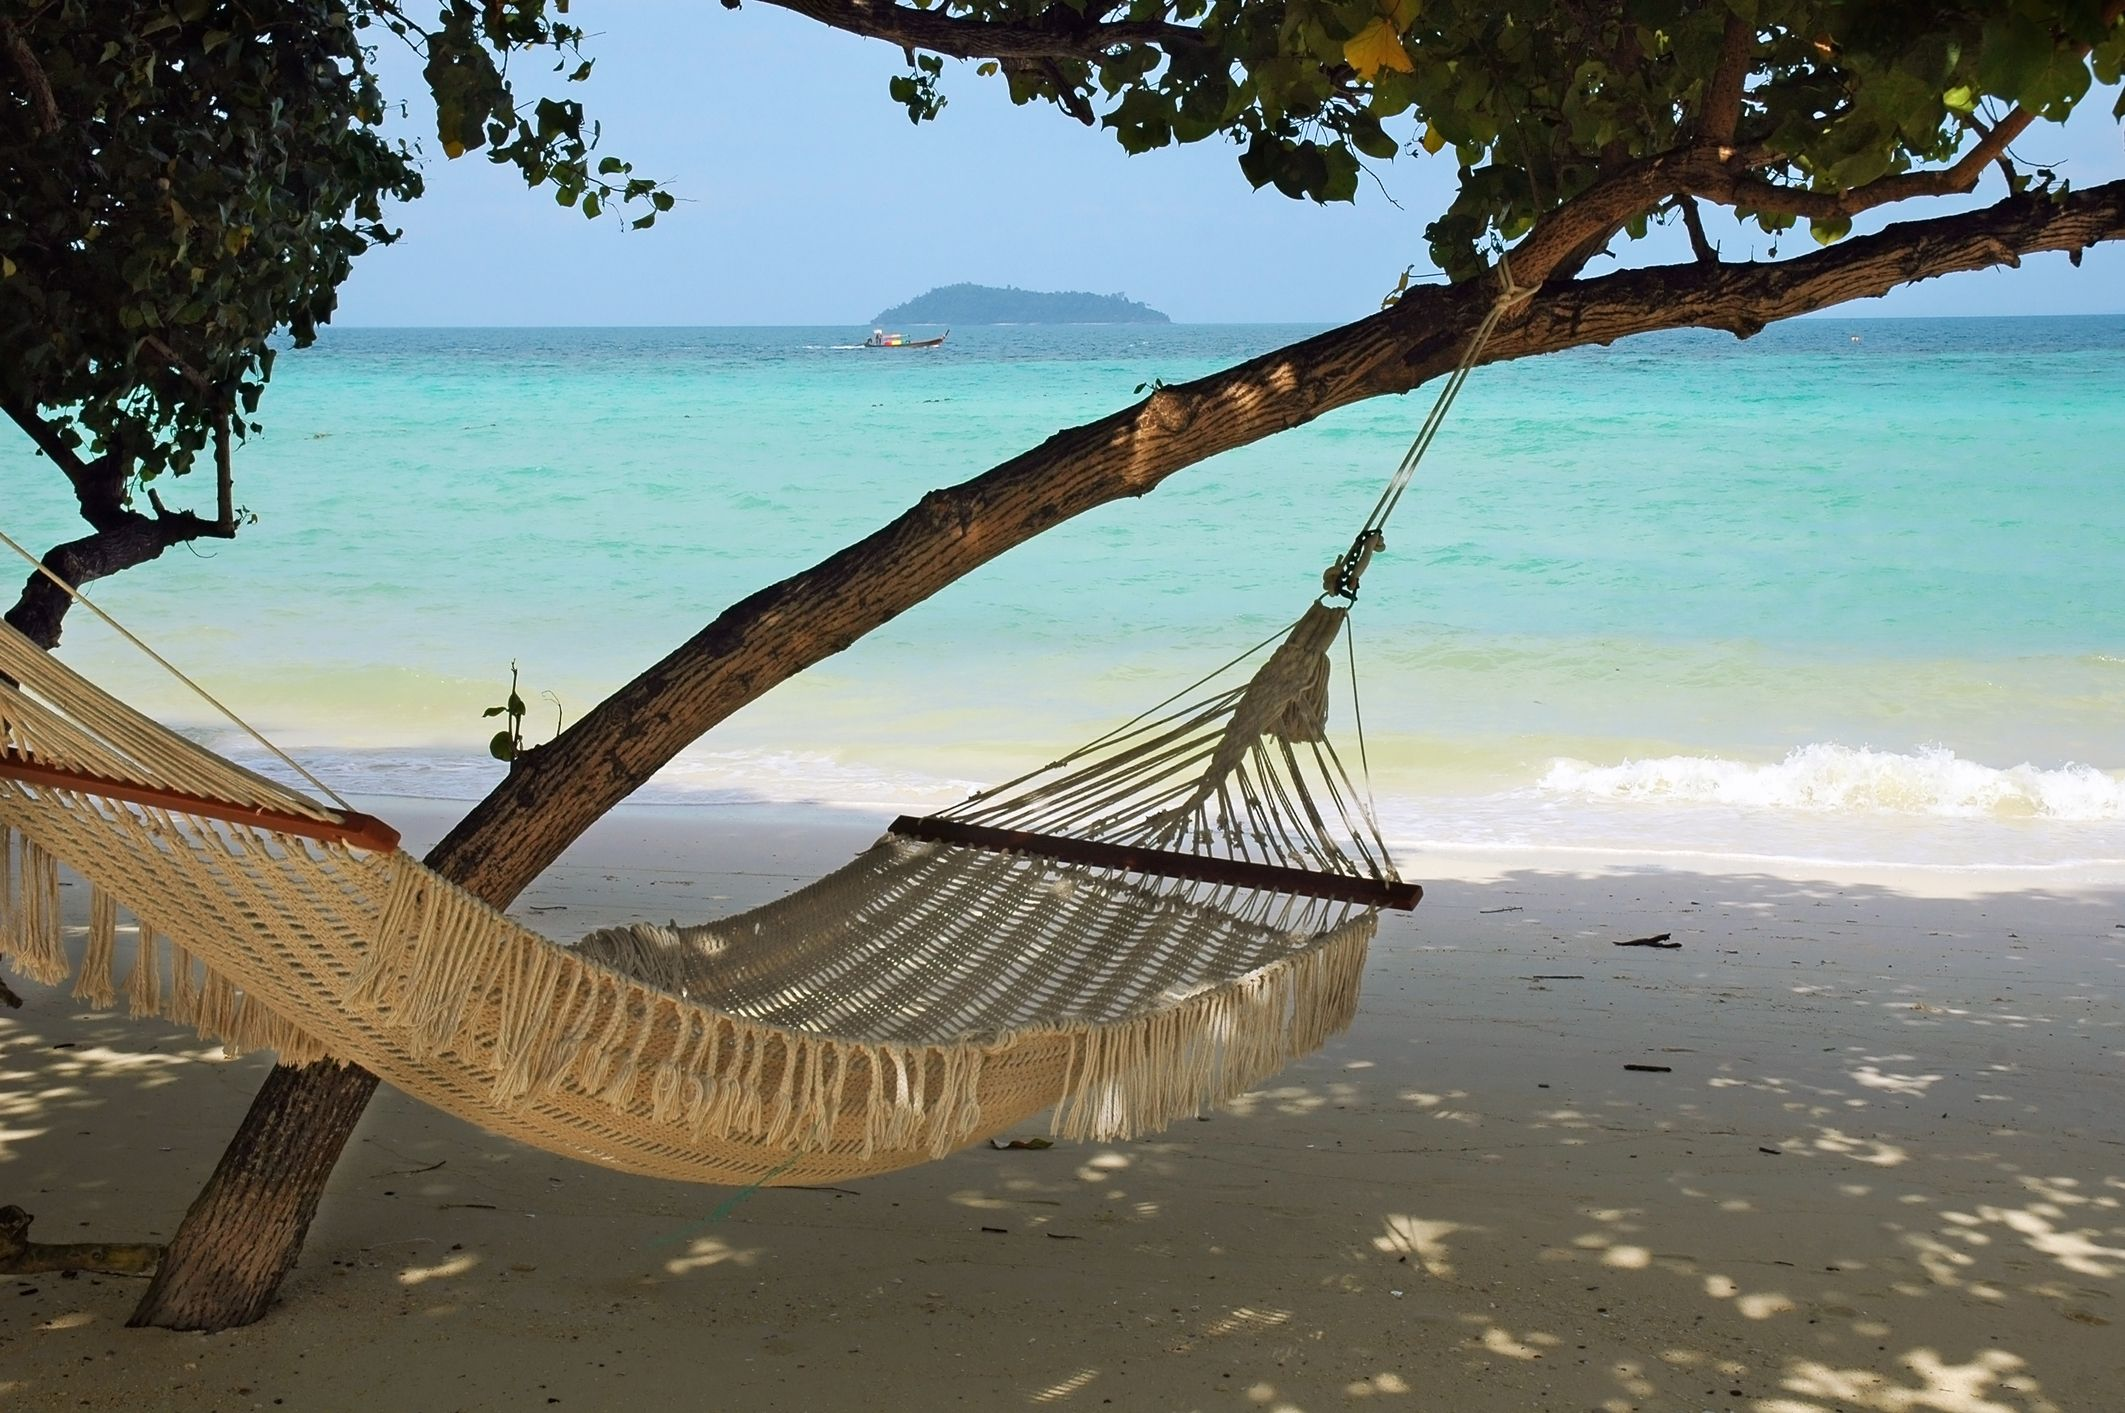 Pieniądze na wakacje mogą być opodatkowane. Uważaj na darowizny, premie wakacyjne i świadczenia nieodpłatne